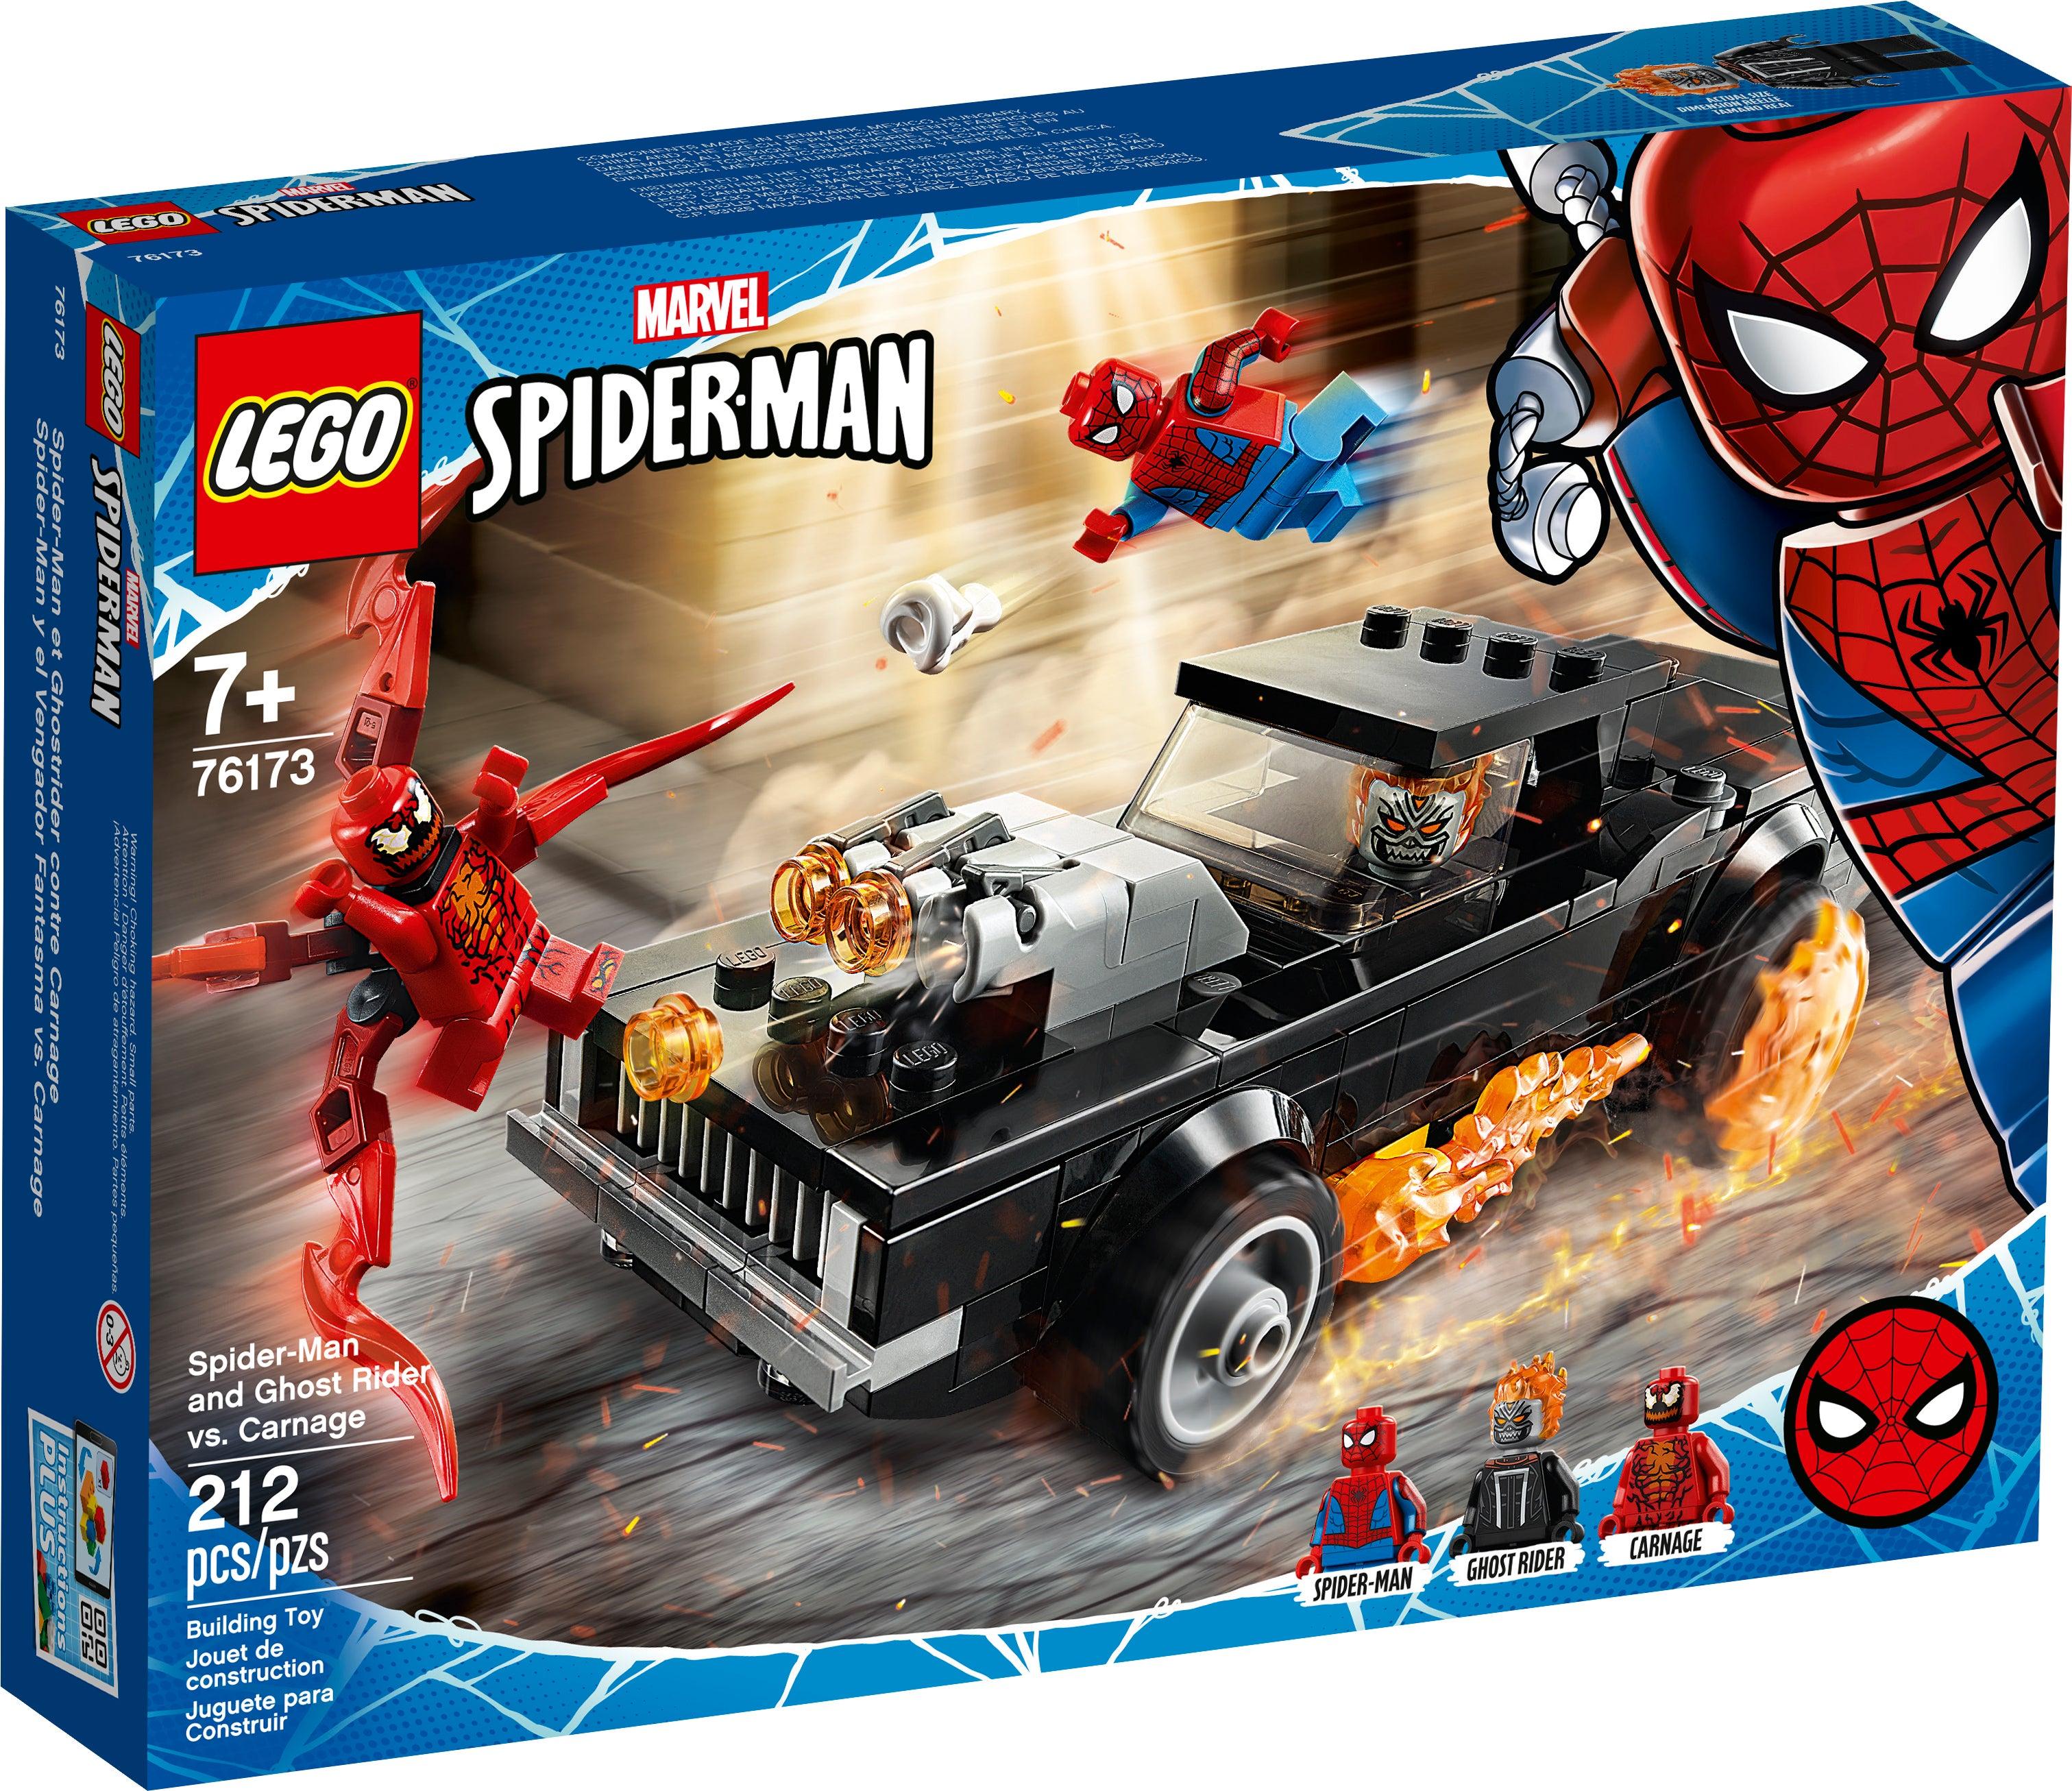 Carnage LEGO Marvel Super Heroes 76173 Spider-Man und Ghost Rider vs NEU OVP